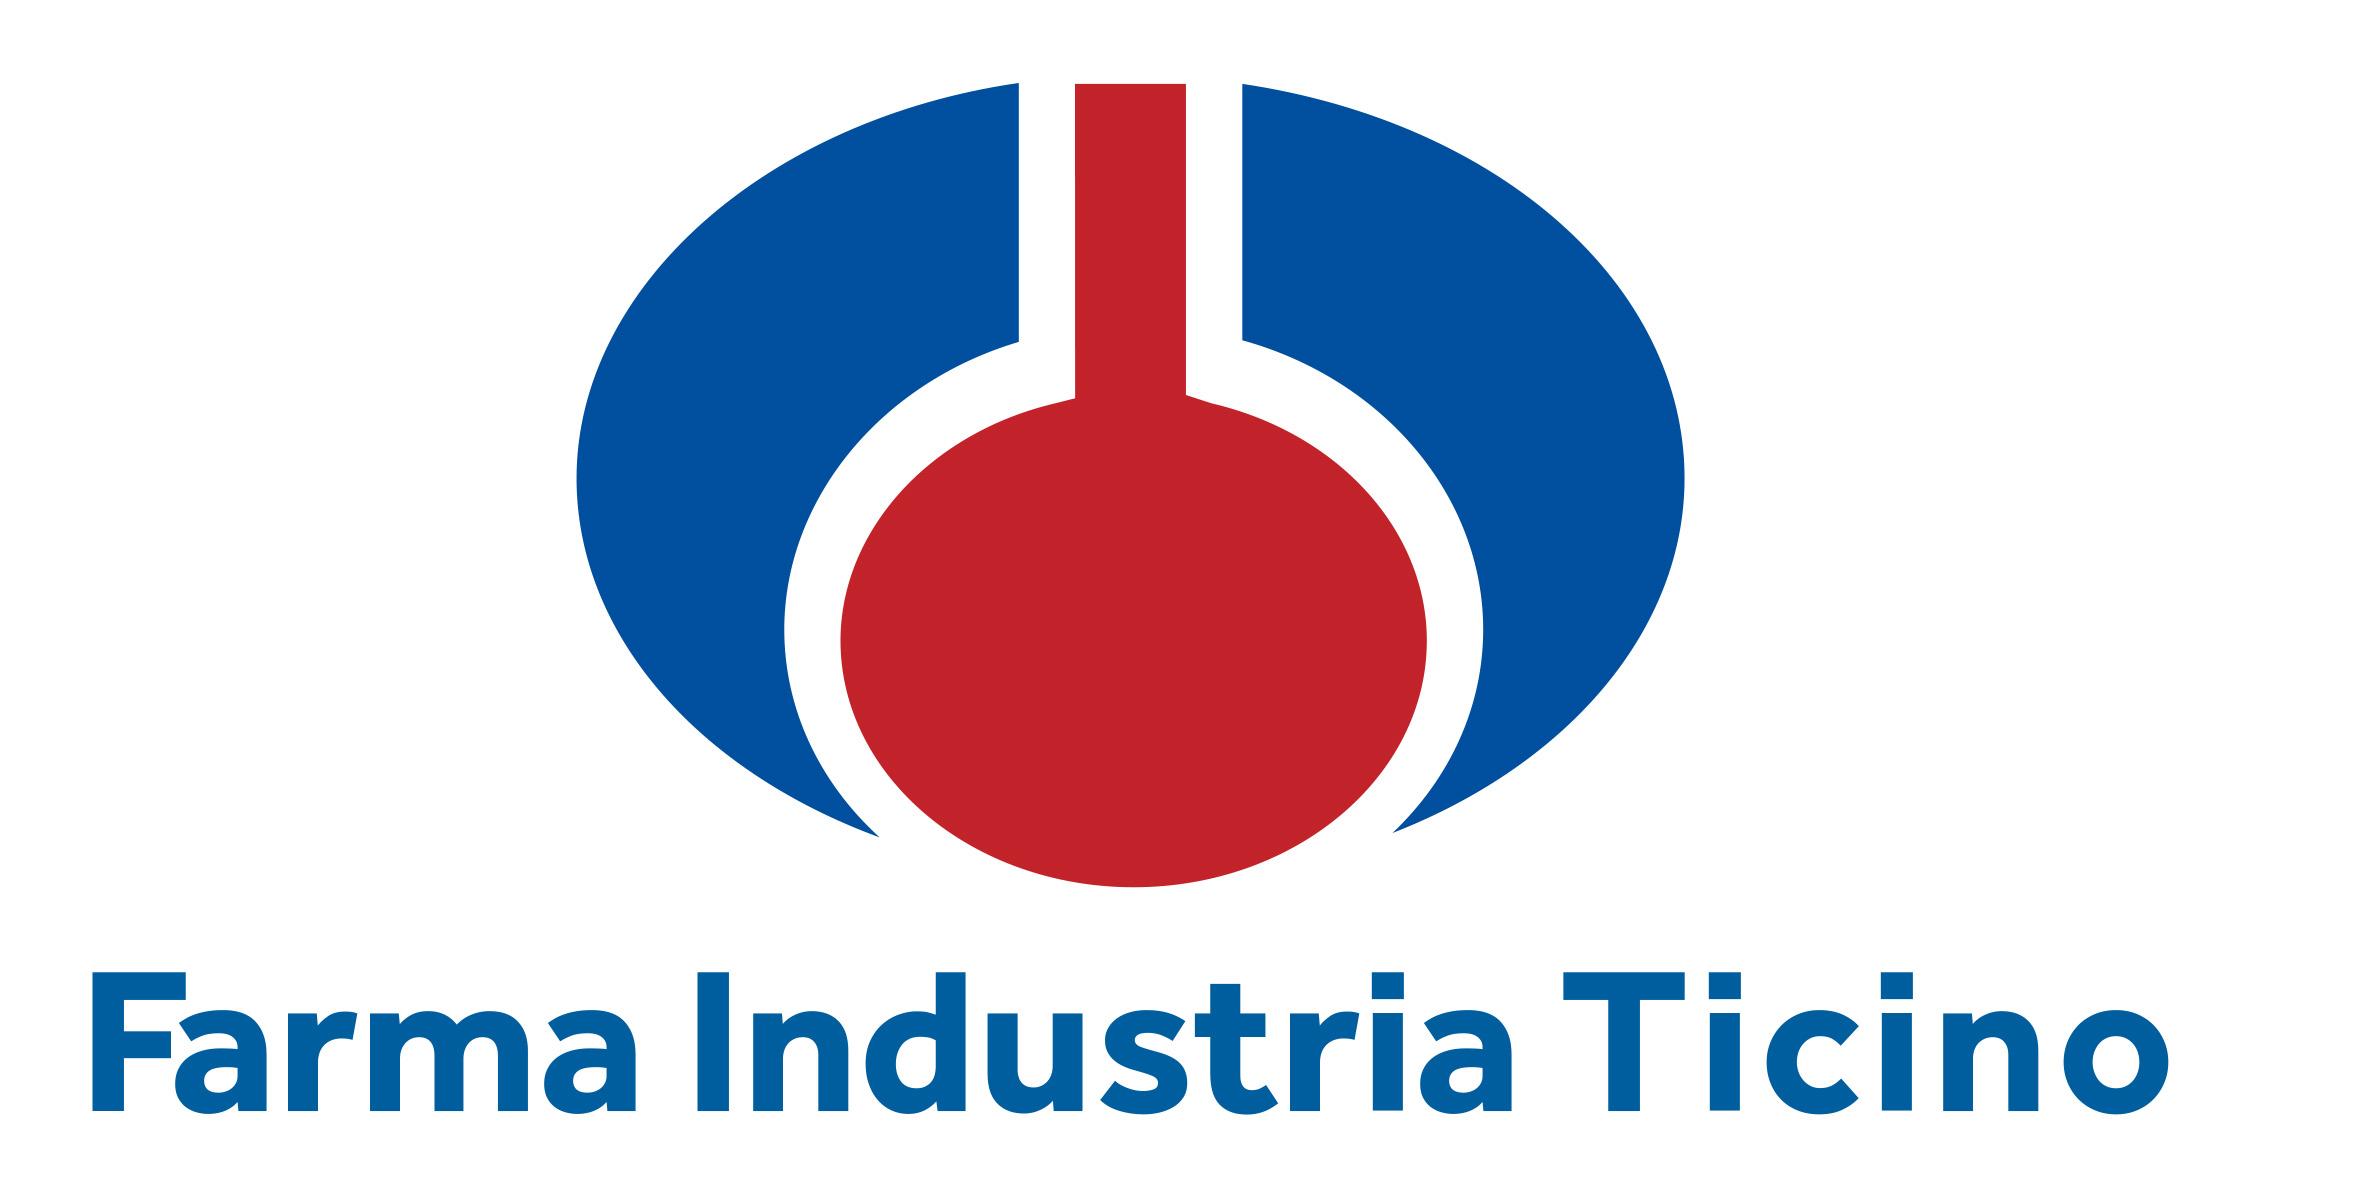 FARMA INDUSTRIA TICINO - Associazione ticinese delle industrie chimiche e farmaceutiche